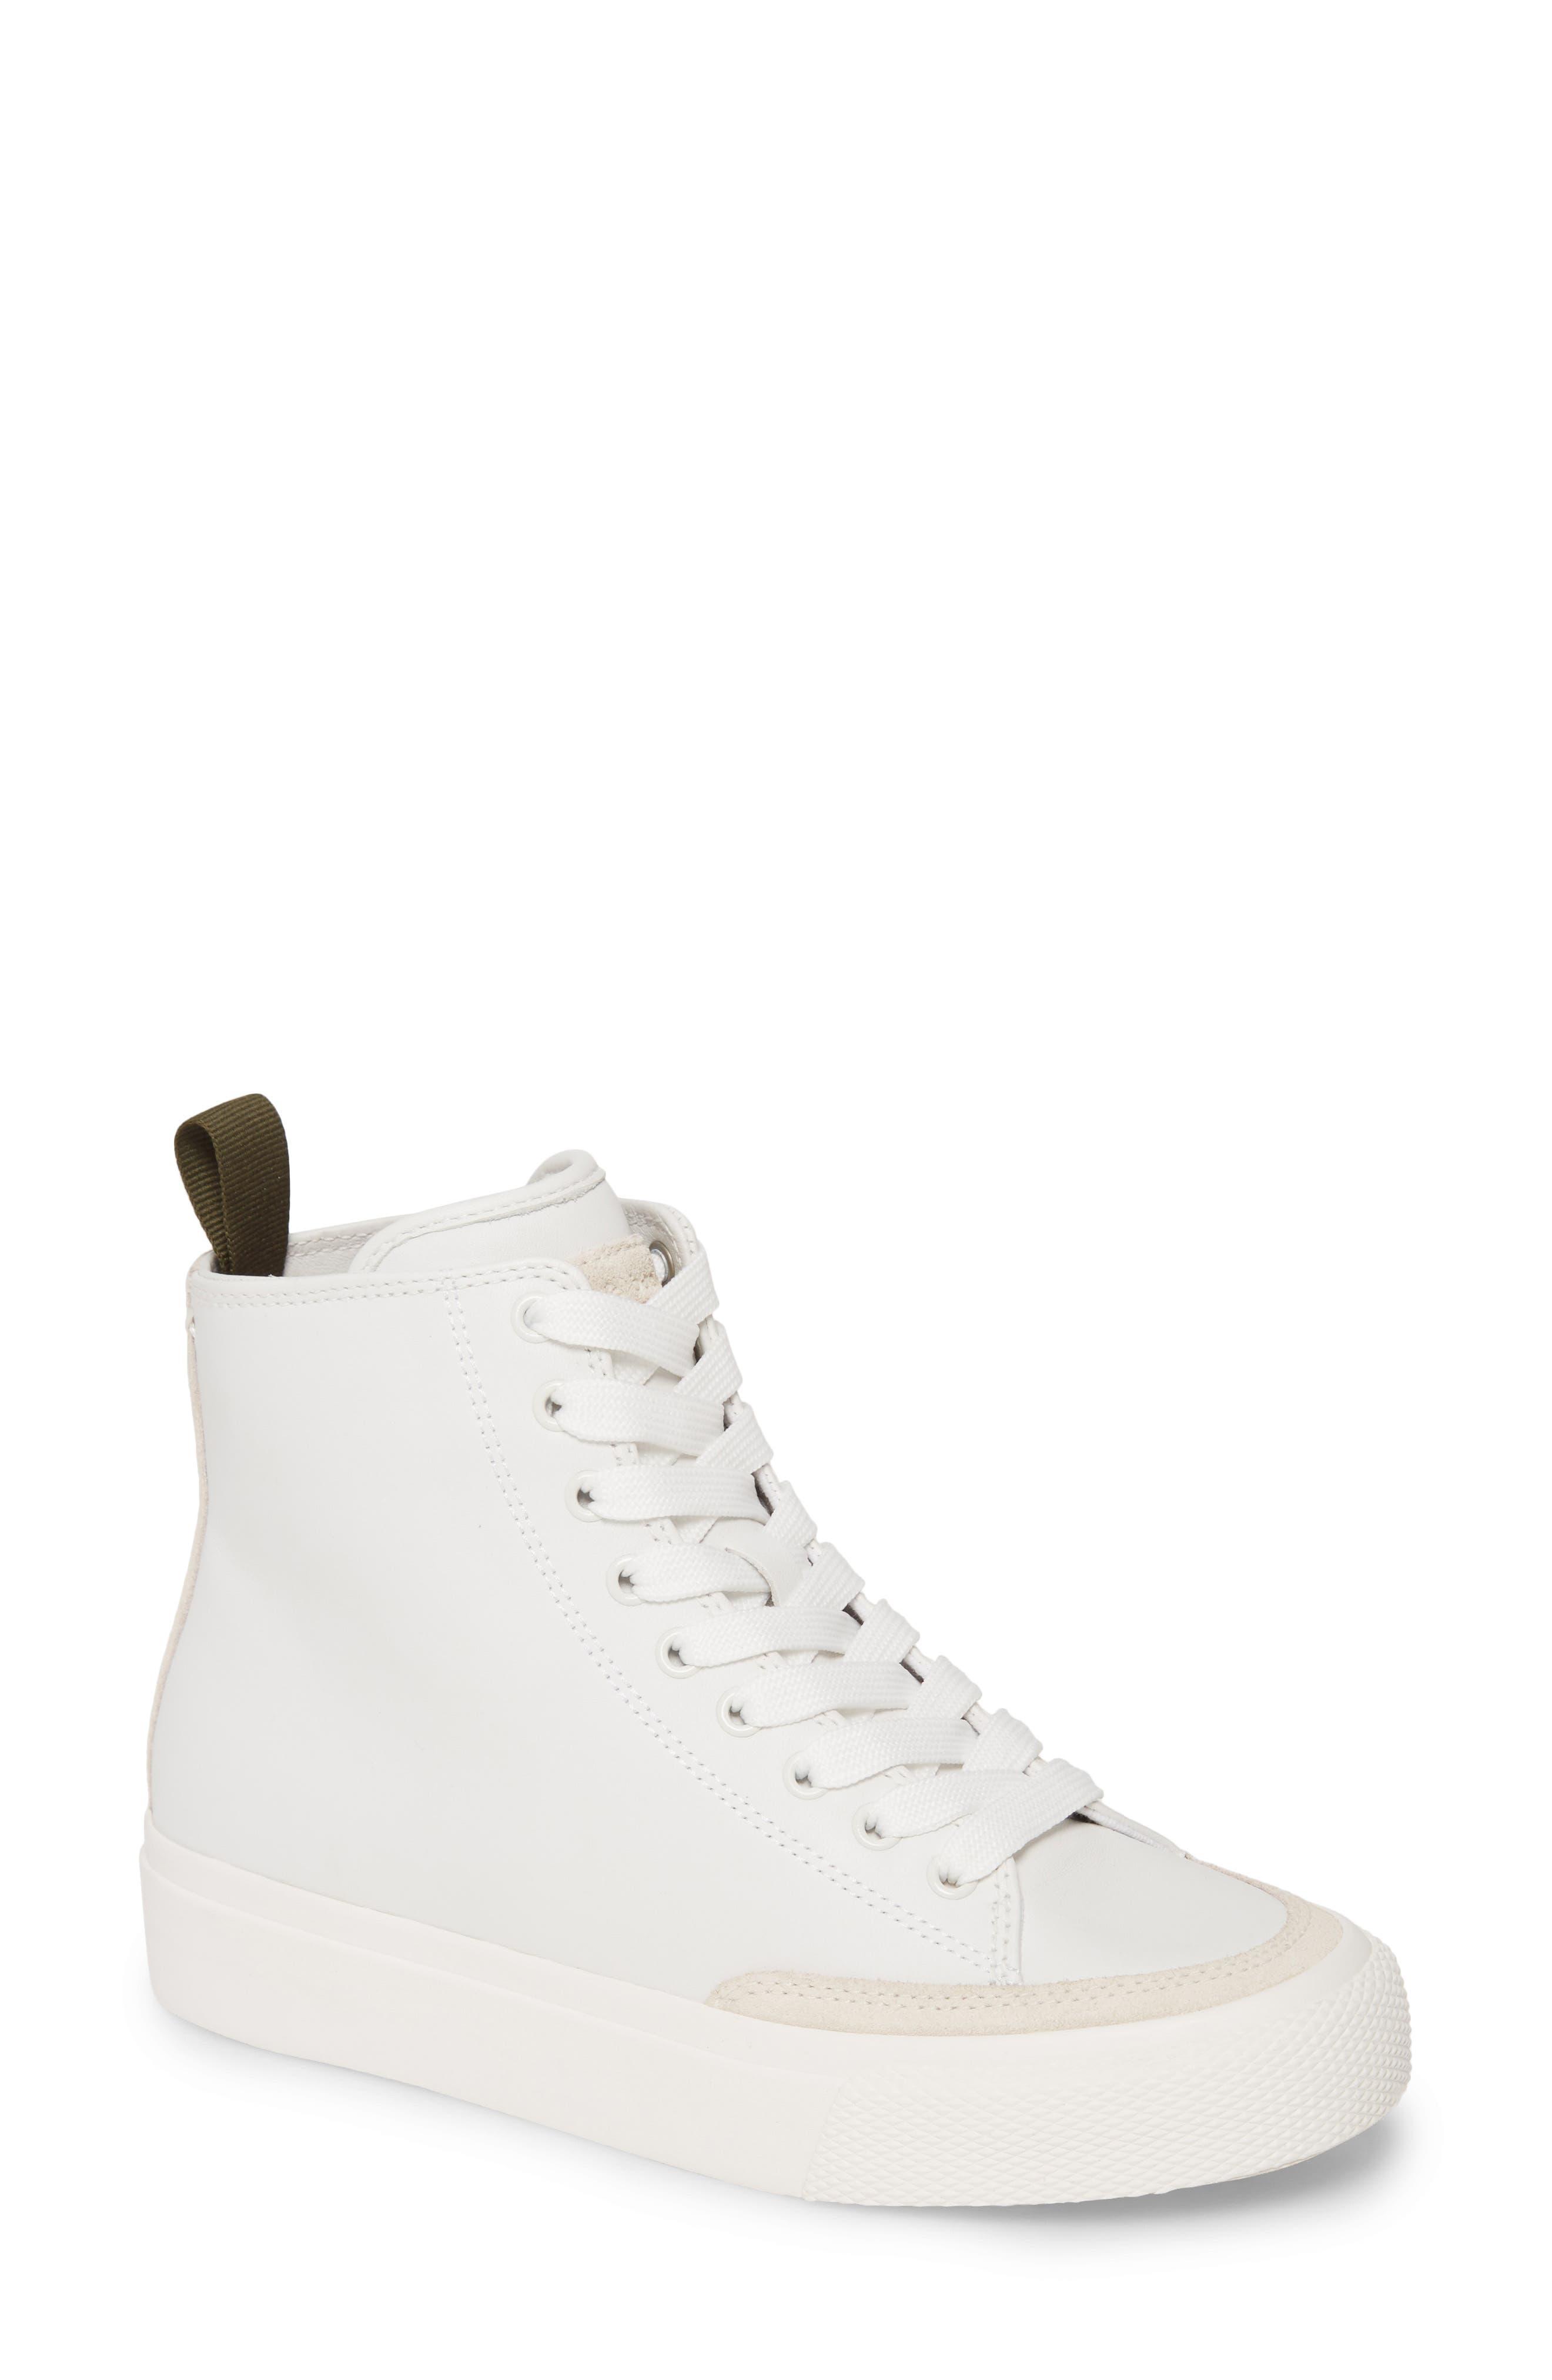 Image of Rag & Bone Army Snake Embossed High Top Sneaker